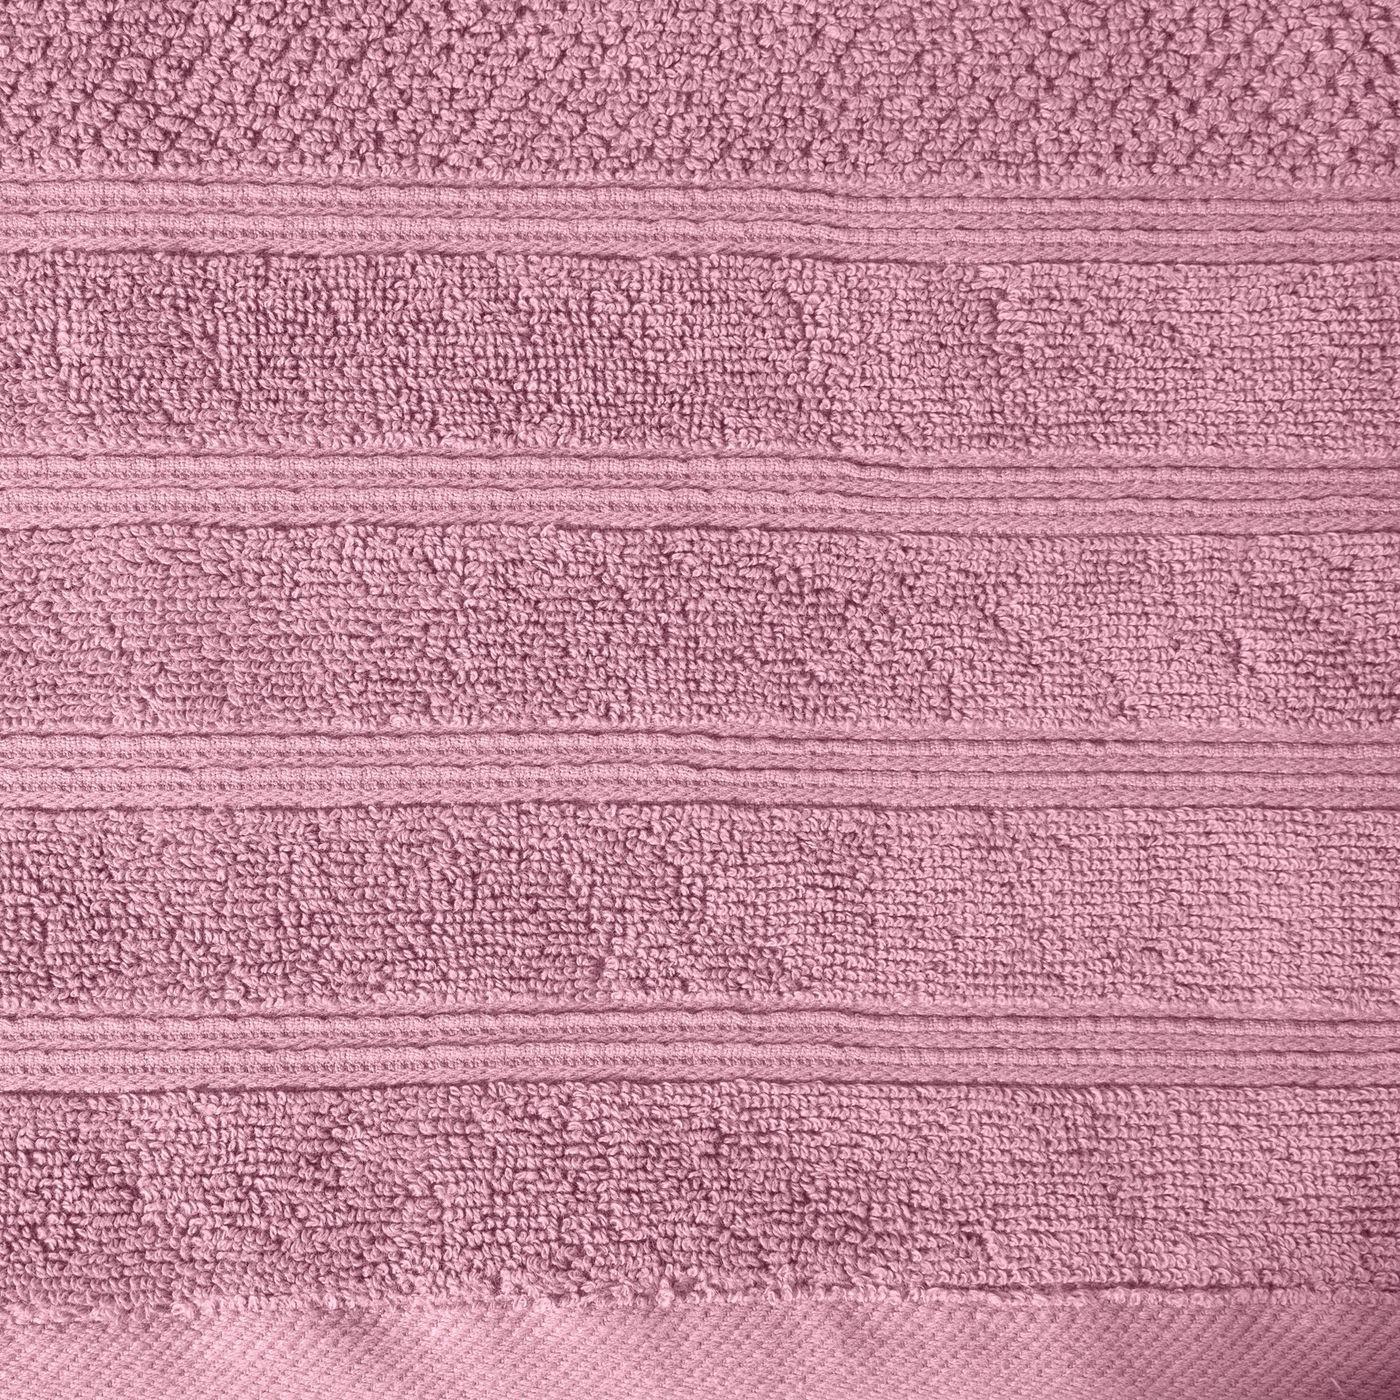 Bawełniany ręcznik kąpielowy frote liliowy 70x140